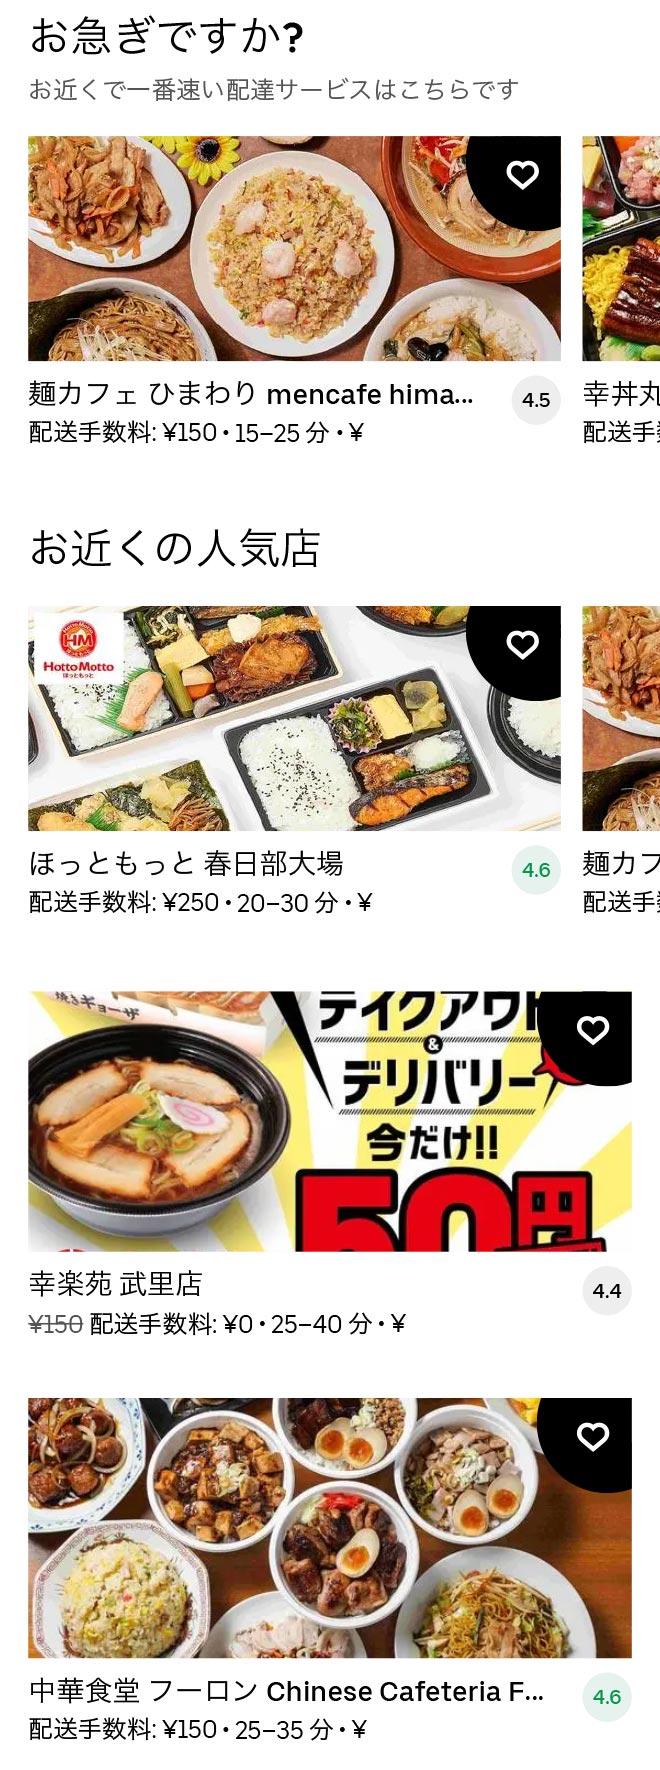 Takesato menu 2101 01